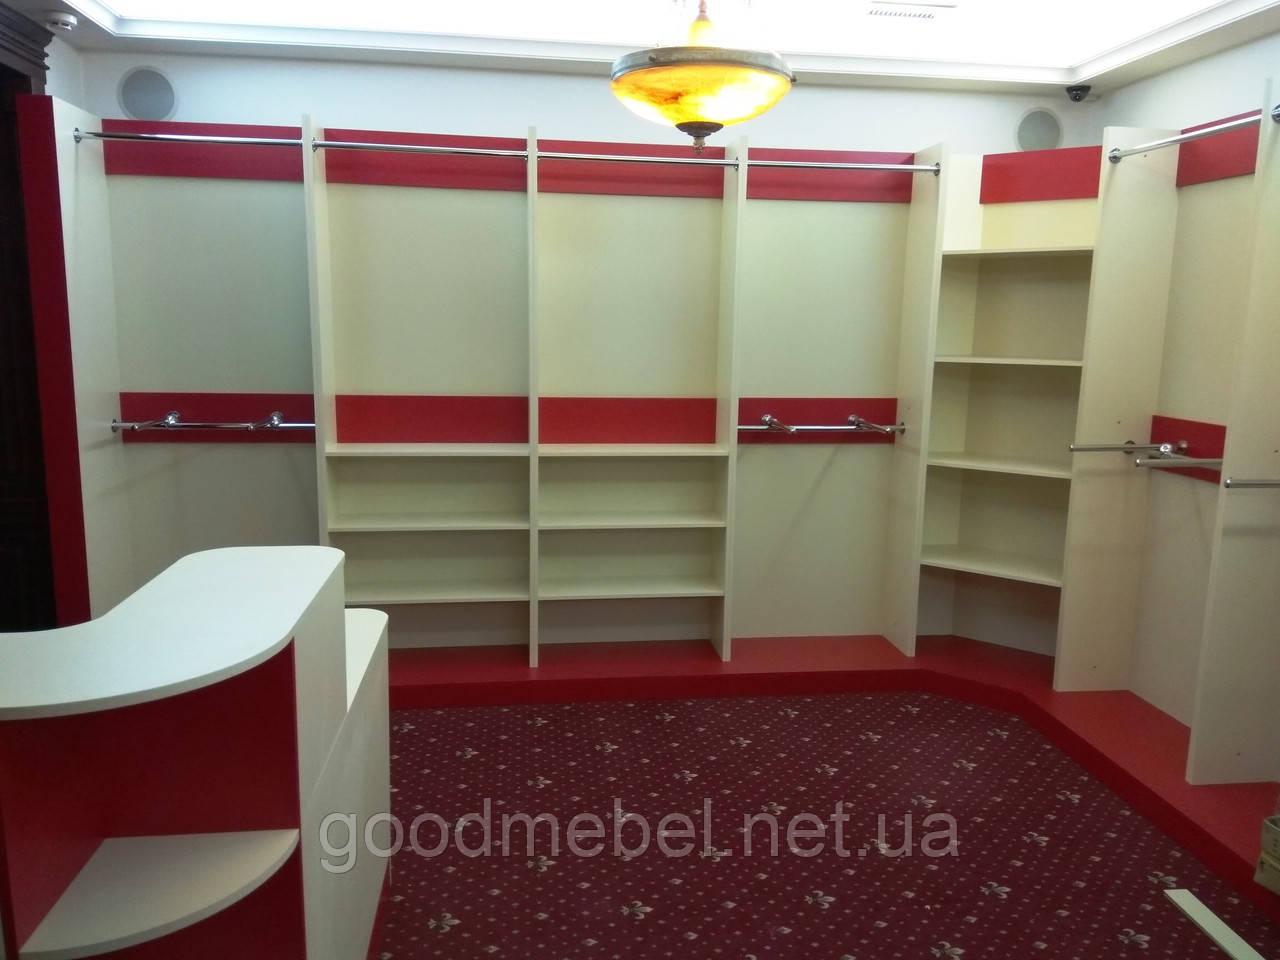 9726fb951b3f Торговое оборудование для магазинов одежды и обуви. - ГУДМЕБЕЛЬ торговое  оборудование и корпусная мебель в